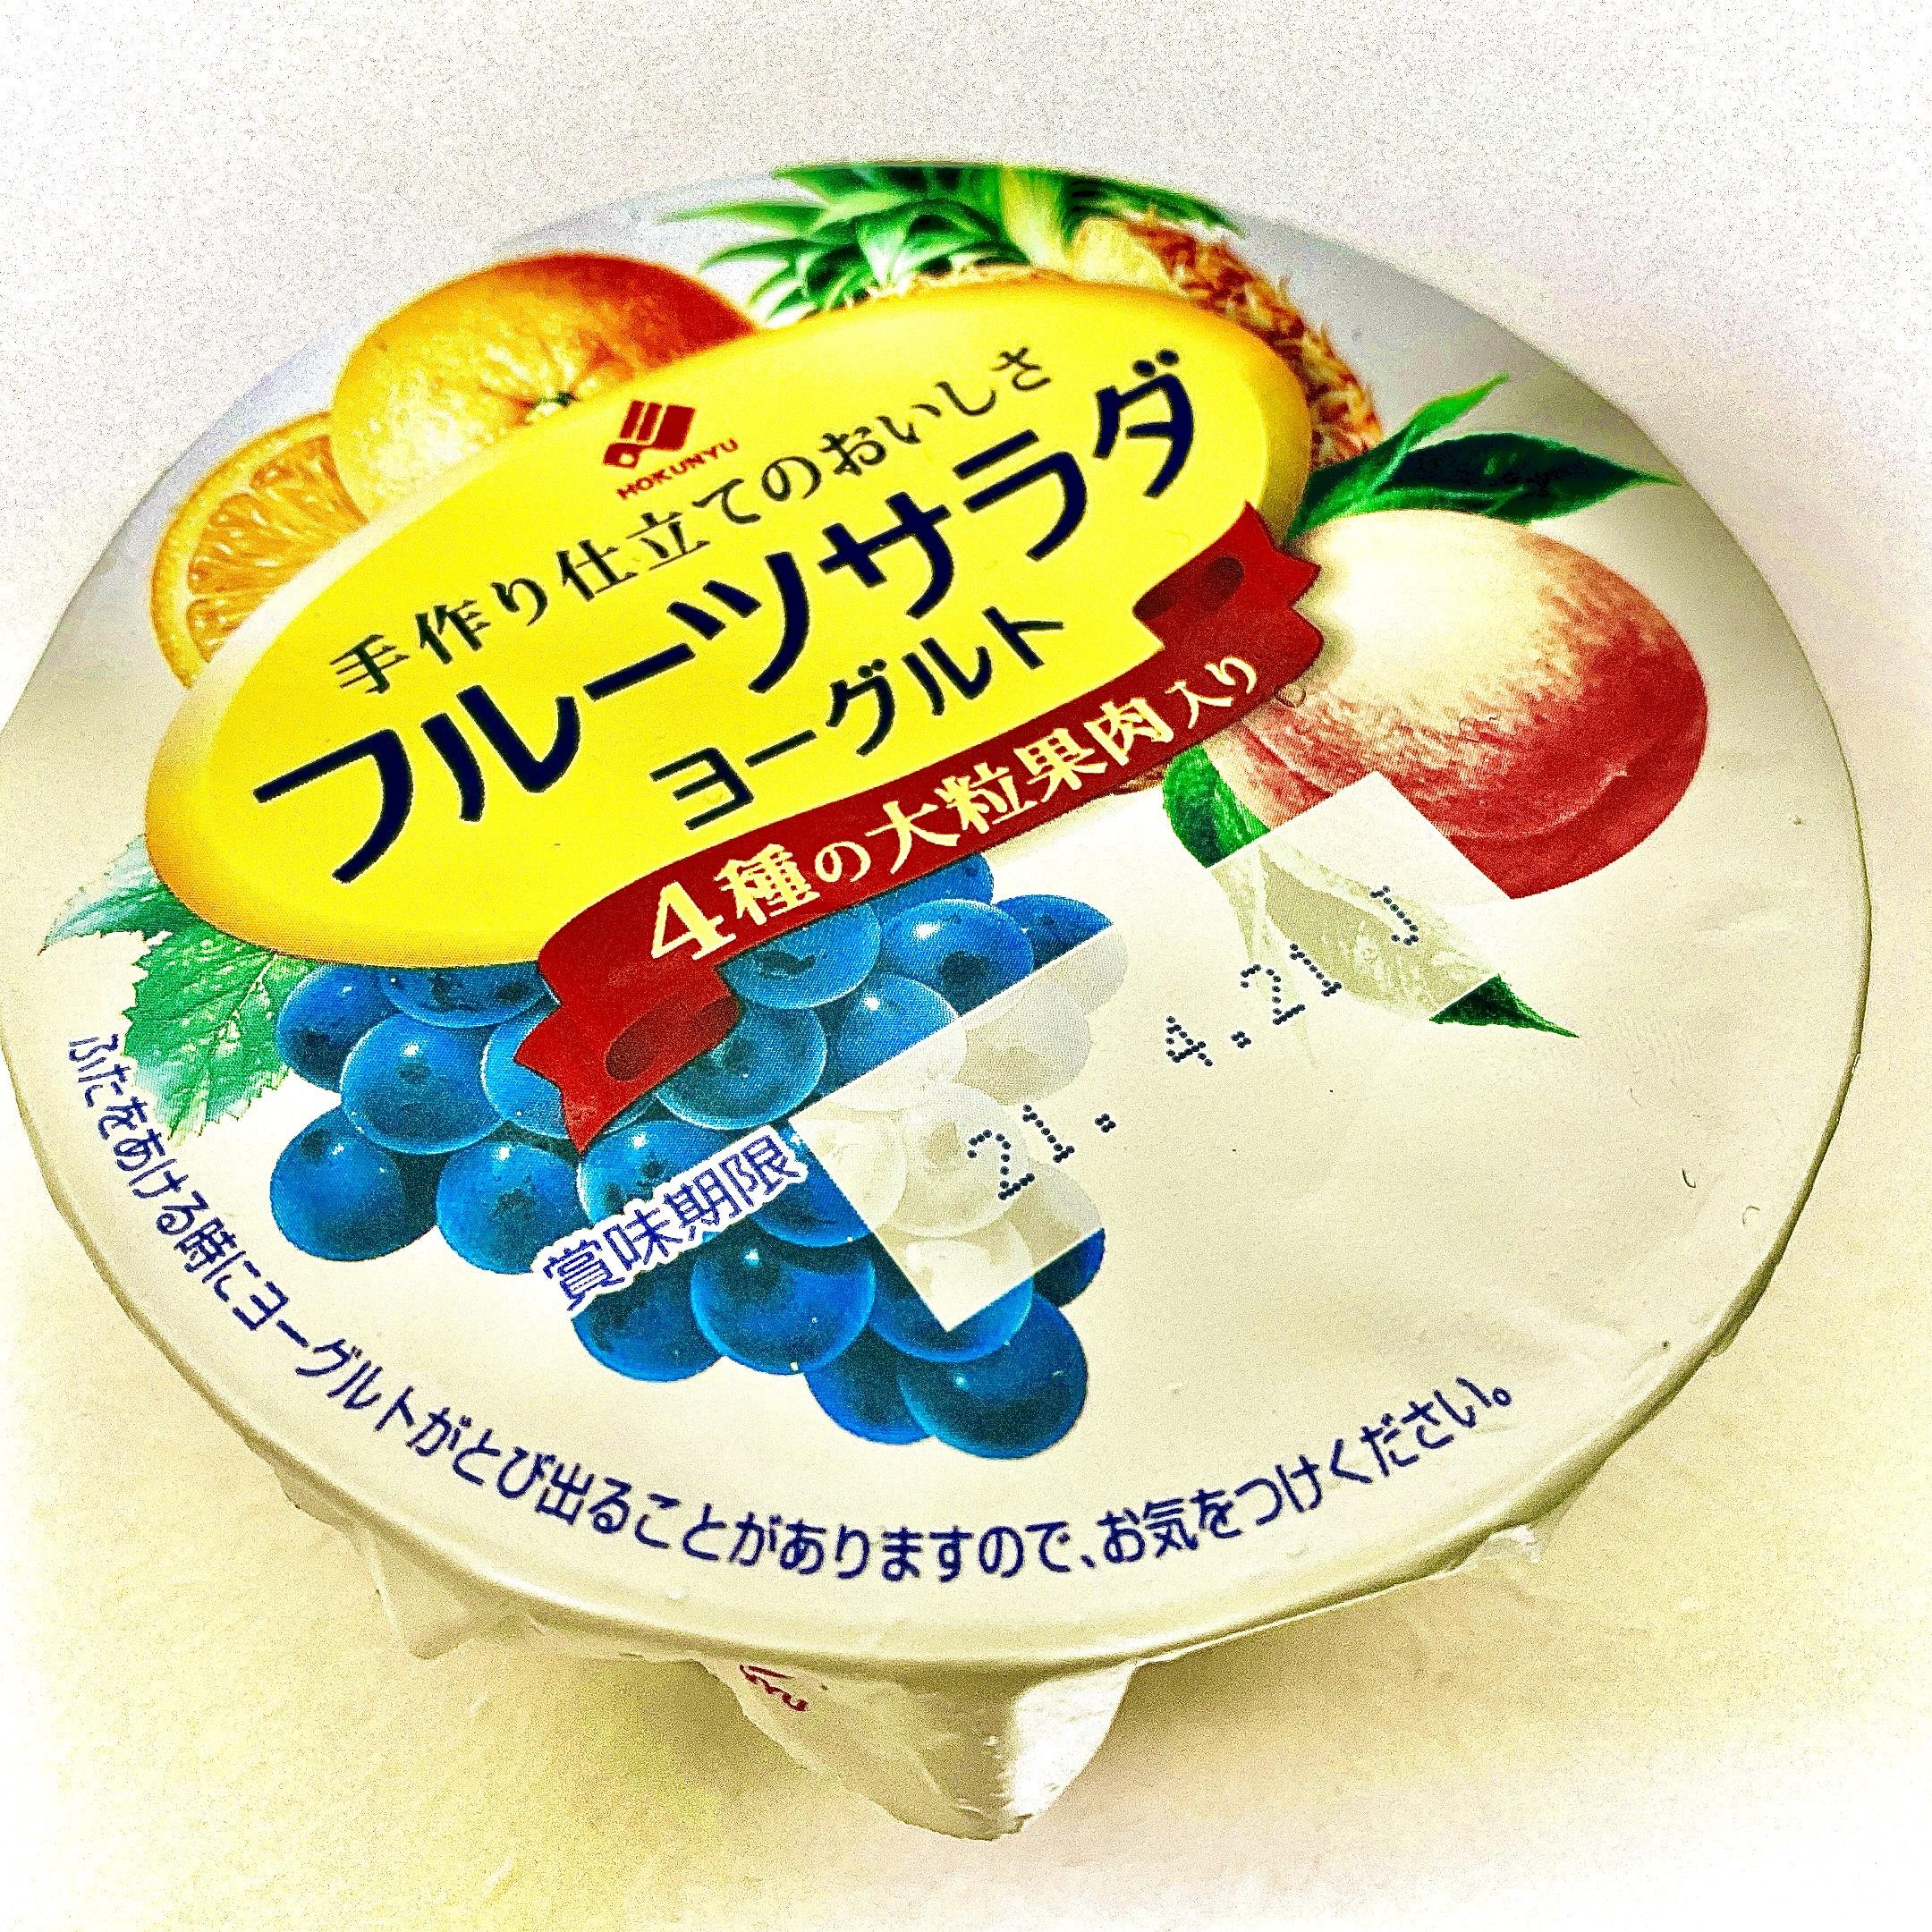 北海道乳業株式会社「フルーツサラダヨーグルト」